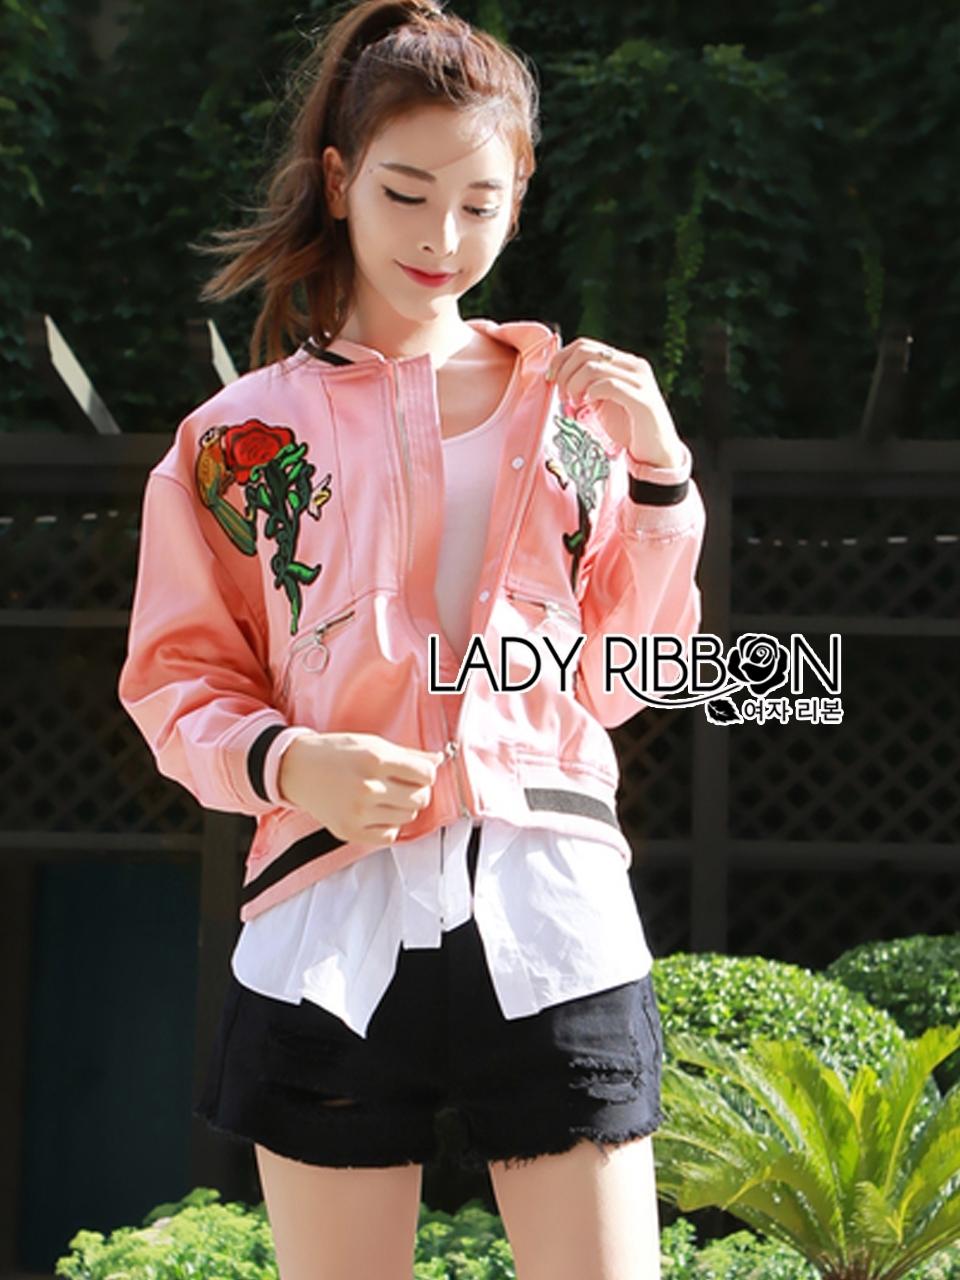 เสื้อผ้าเกาหลี พร้อมส่งบอมเบอร์แจ๊กเก็ตสีชมพูปักลายกุหลาบแดงสไตล์สปอร์ต